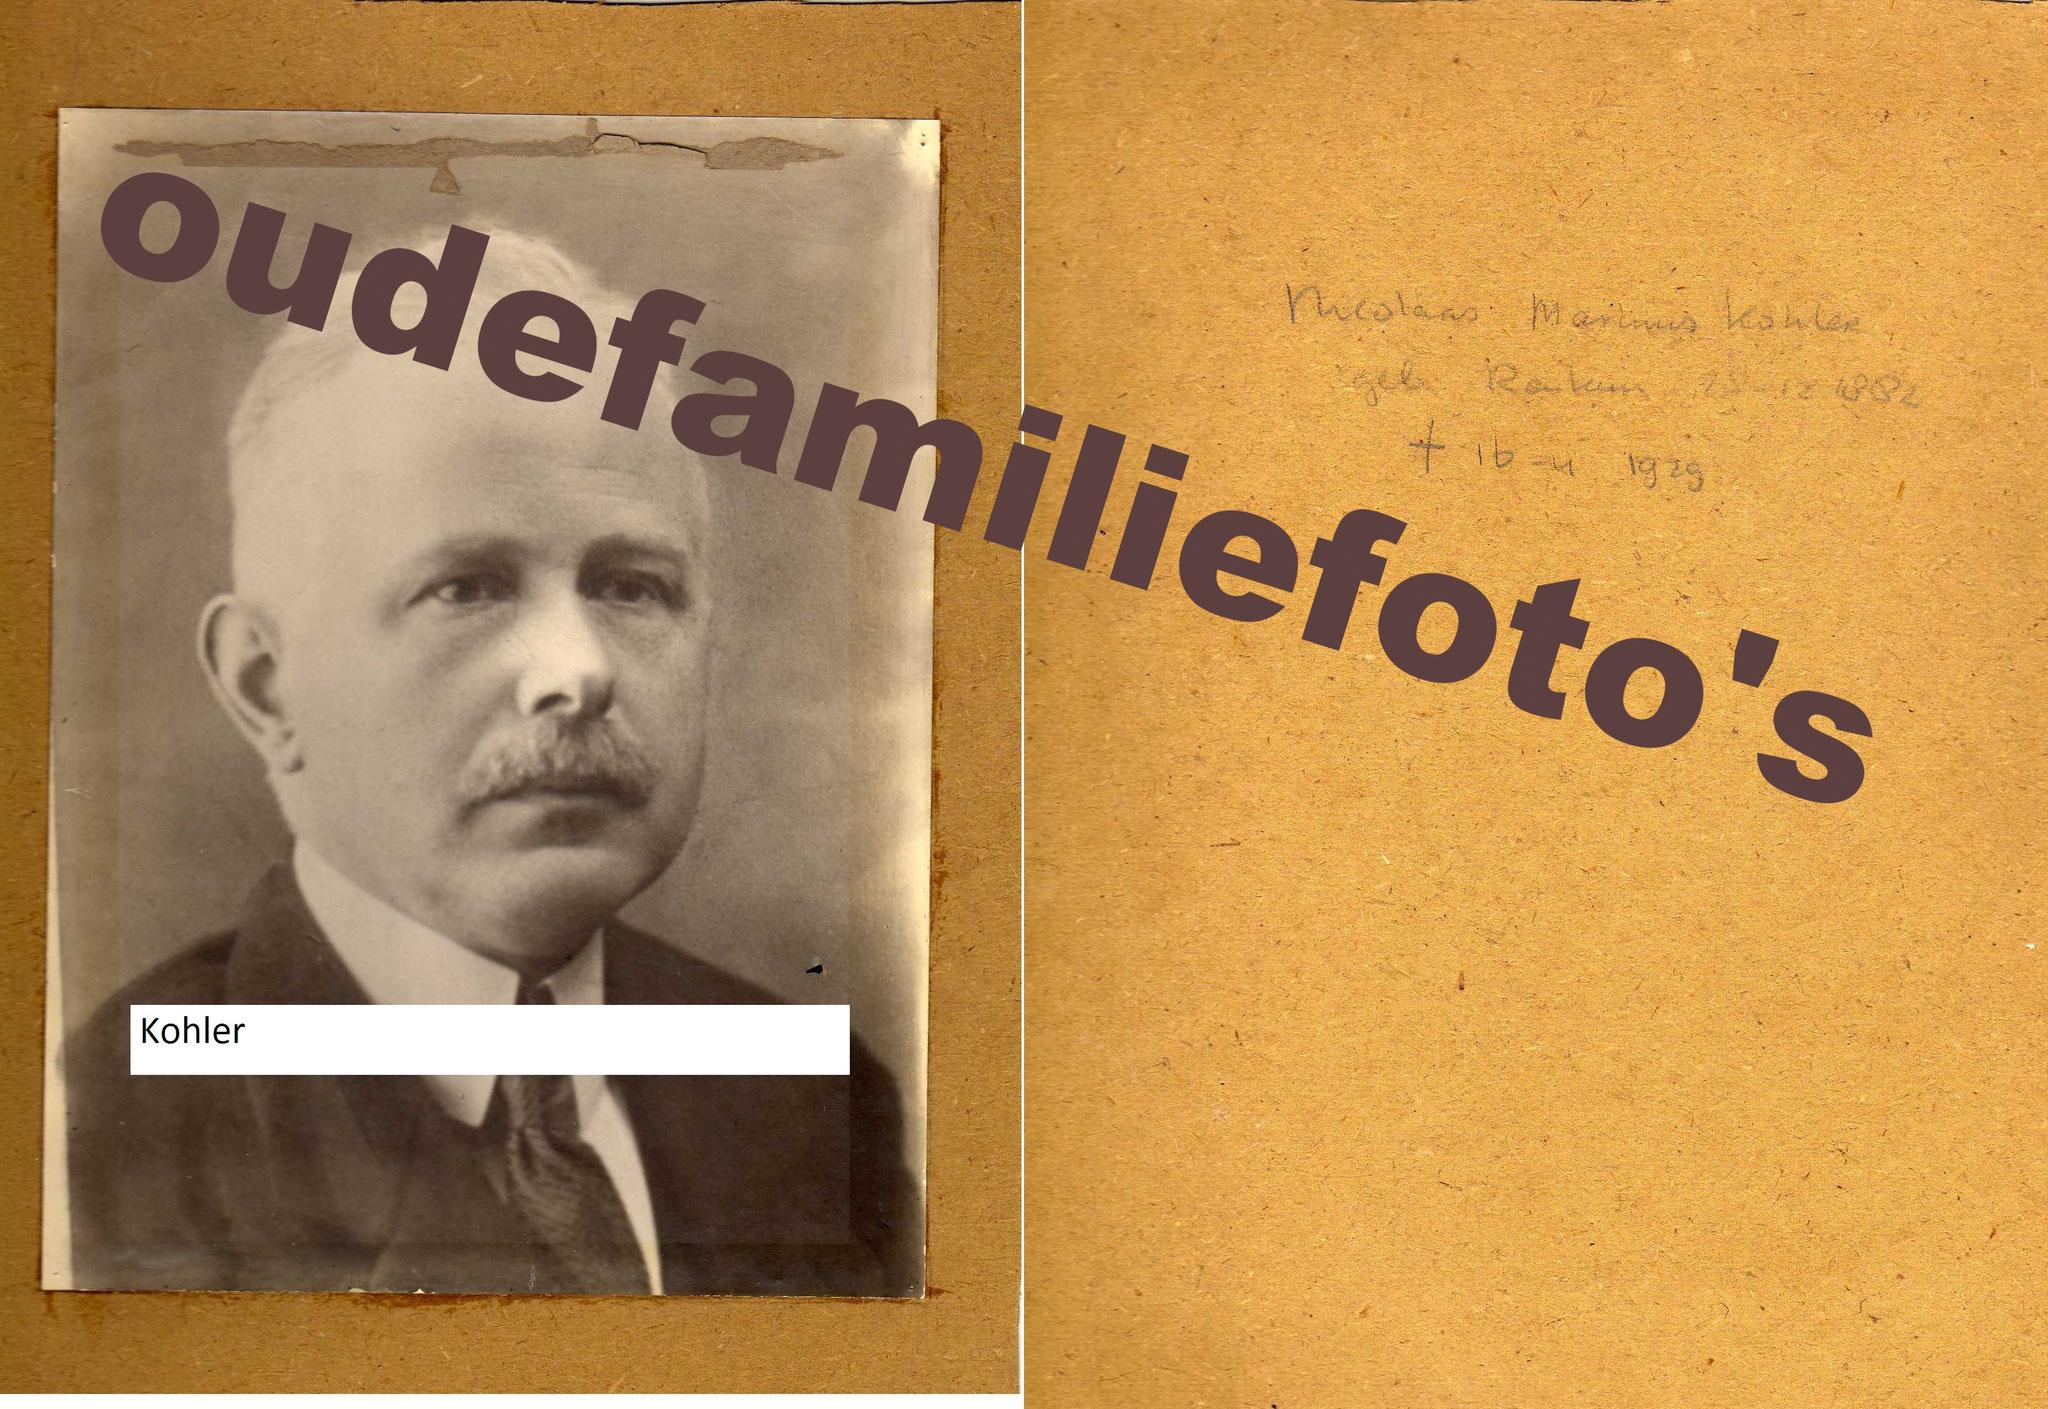 Kohler, Nicolaas Marinus geb. 28-12-1882 Renkum. ovl. 16-4-1929 Utrecht € 2,00